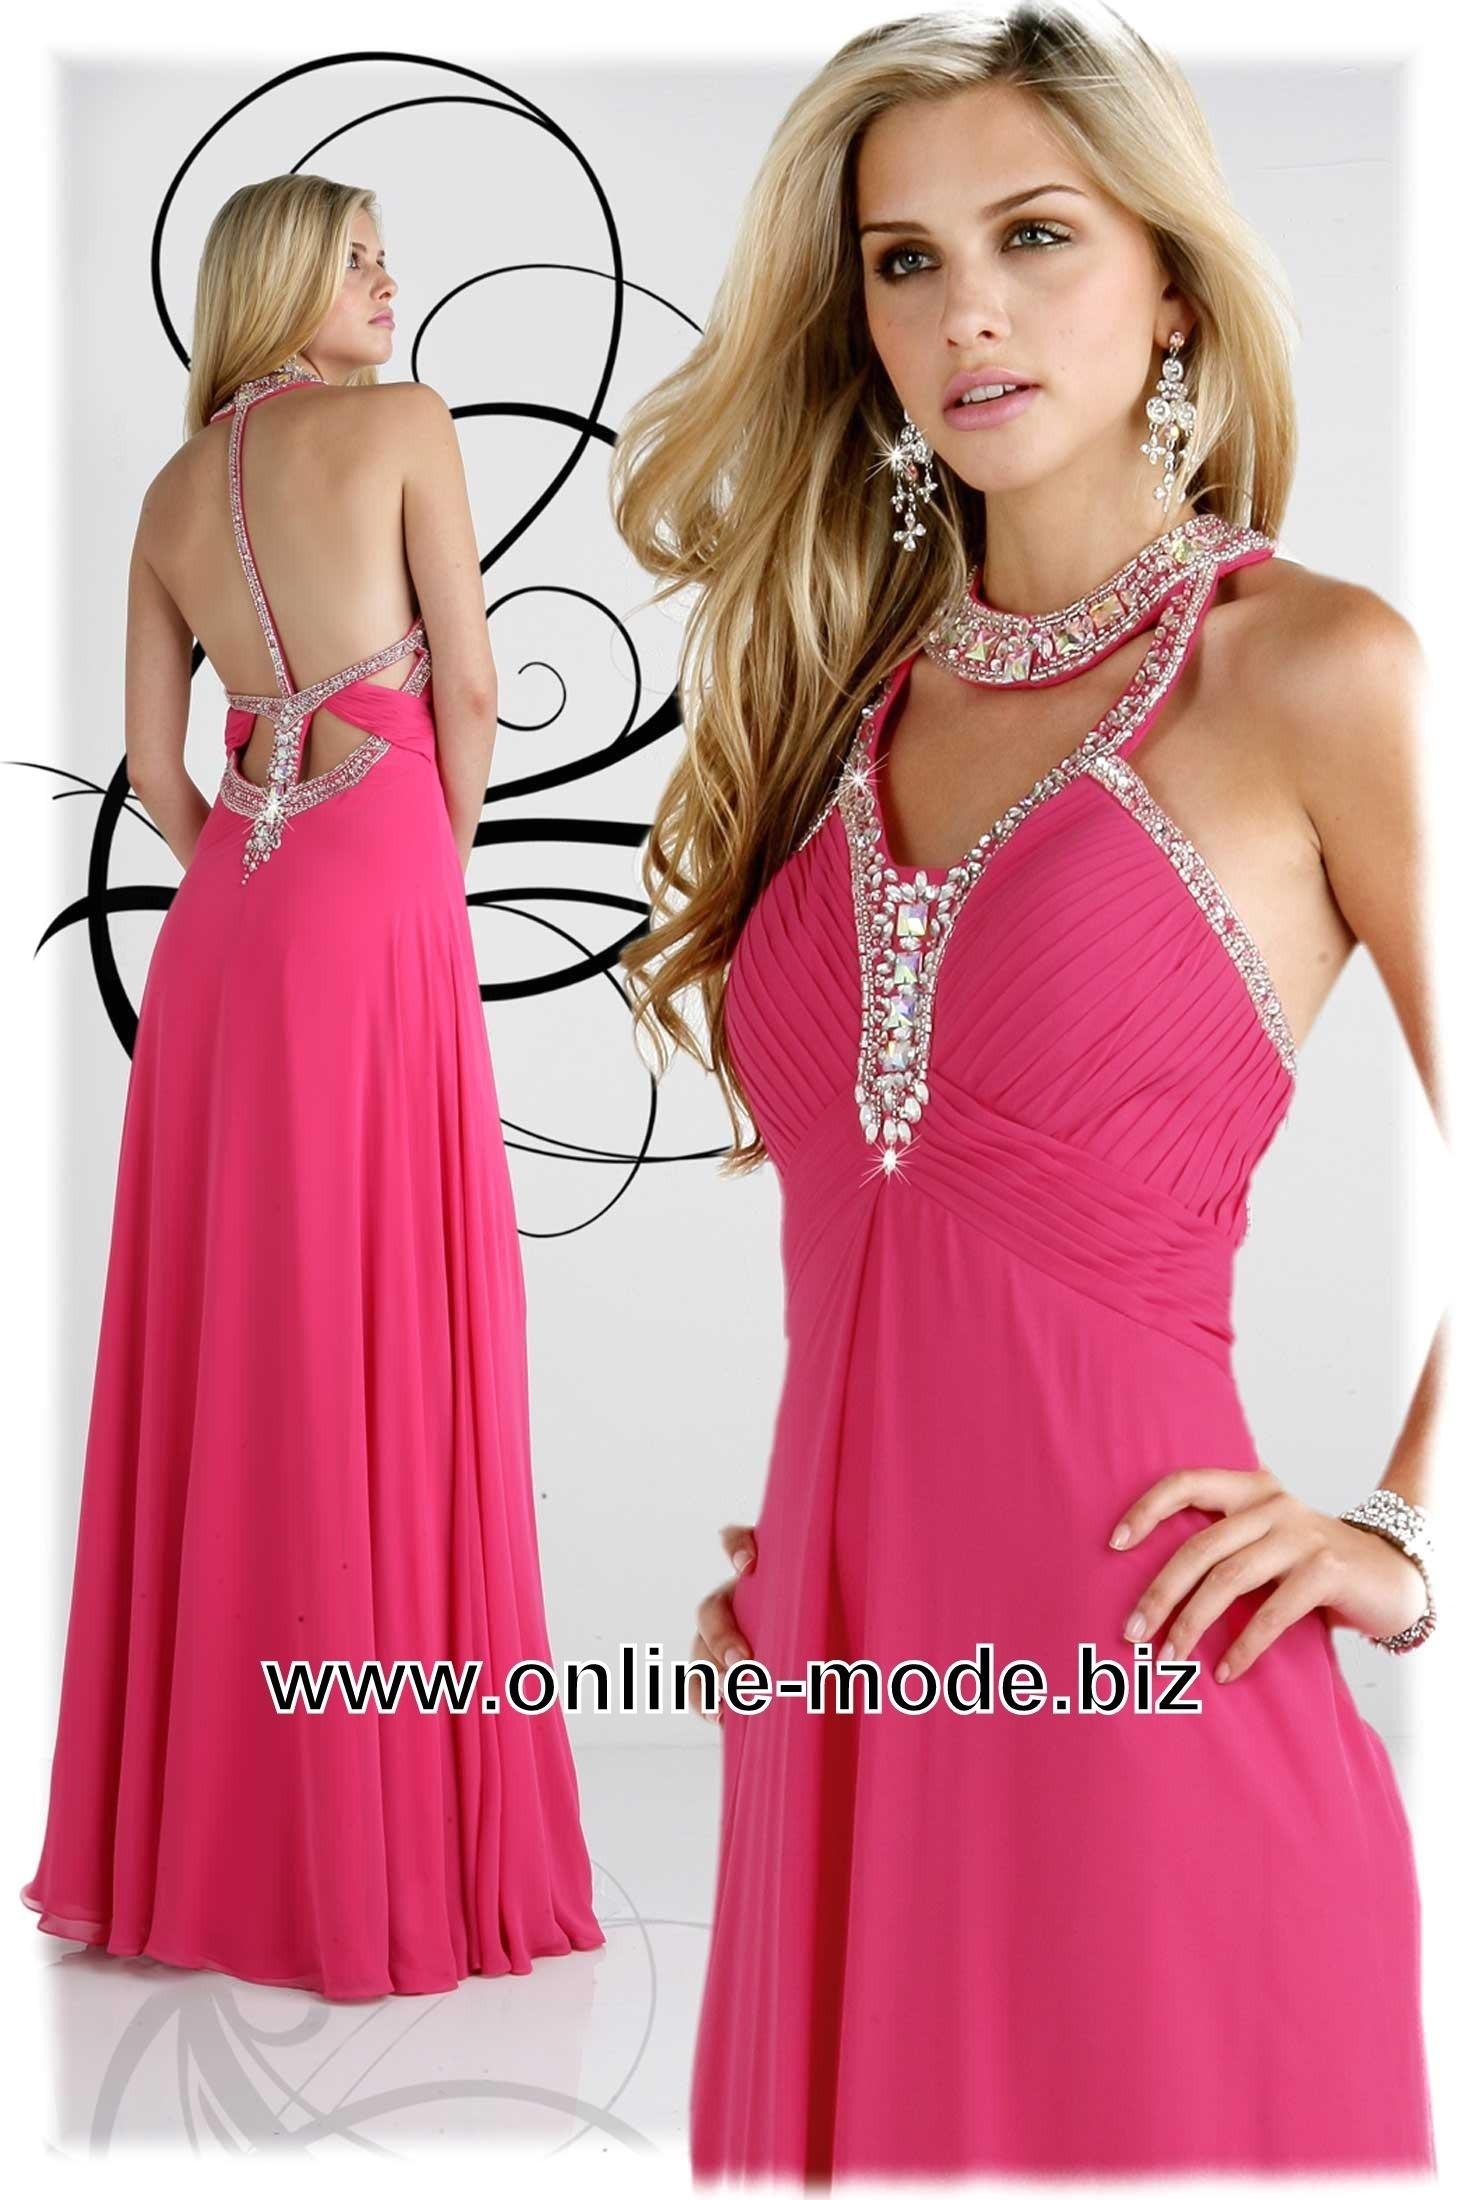 10 Einfach Schöne Kleider Für Eine Hochzeit ÄrmelAbend Luxus Schöne Kleider Für Eine Hochzeit Bester Preis